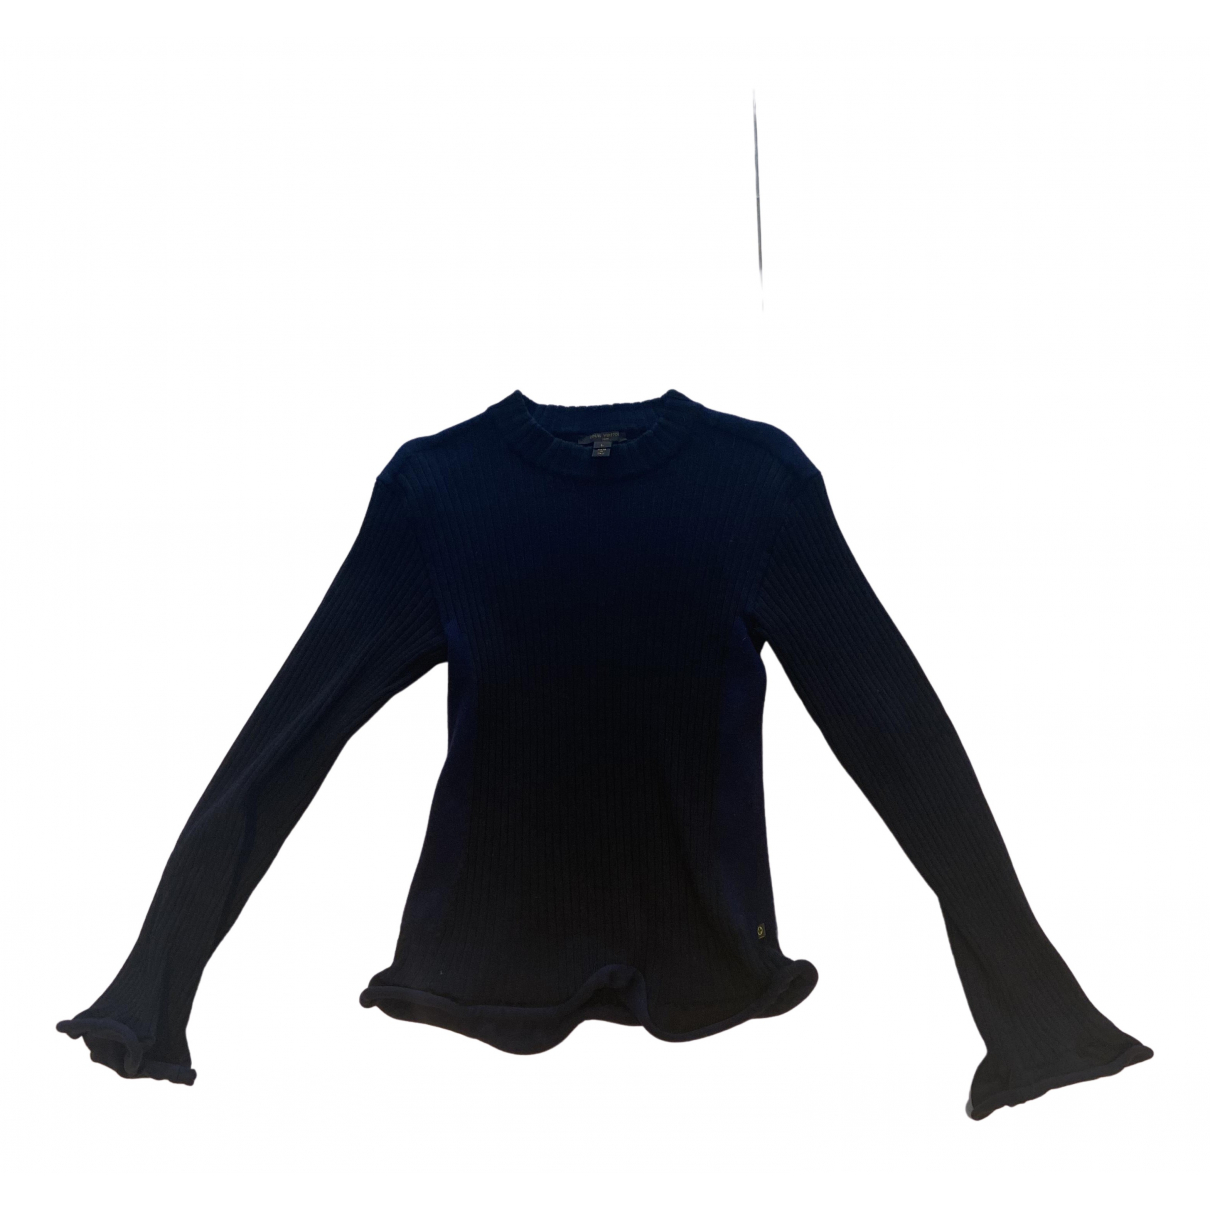 Louis Vuitton - Pull   pour femme en laine - marine